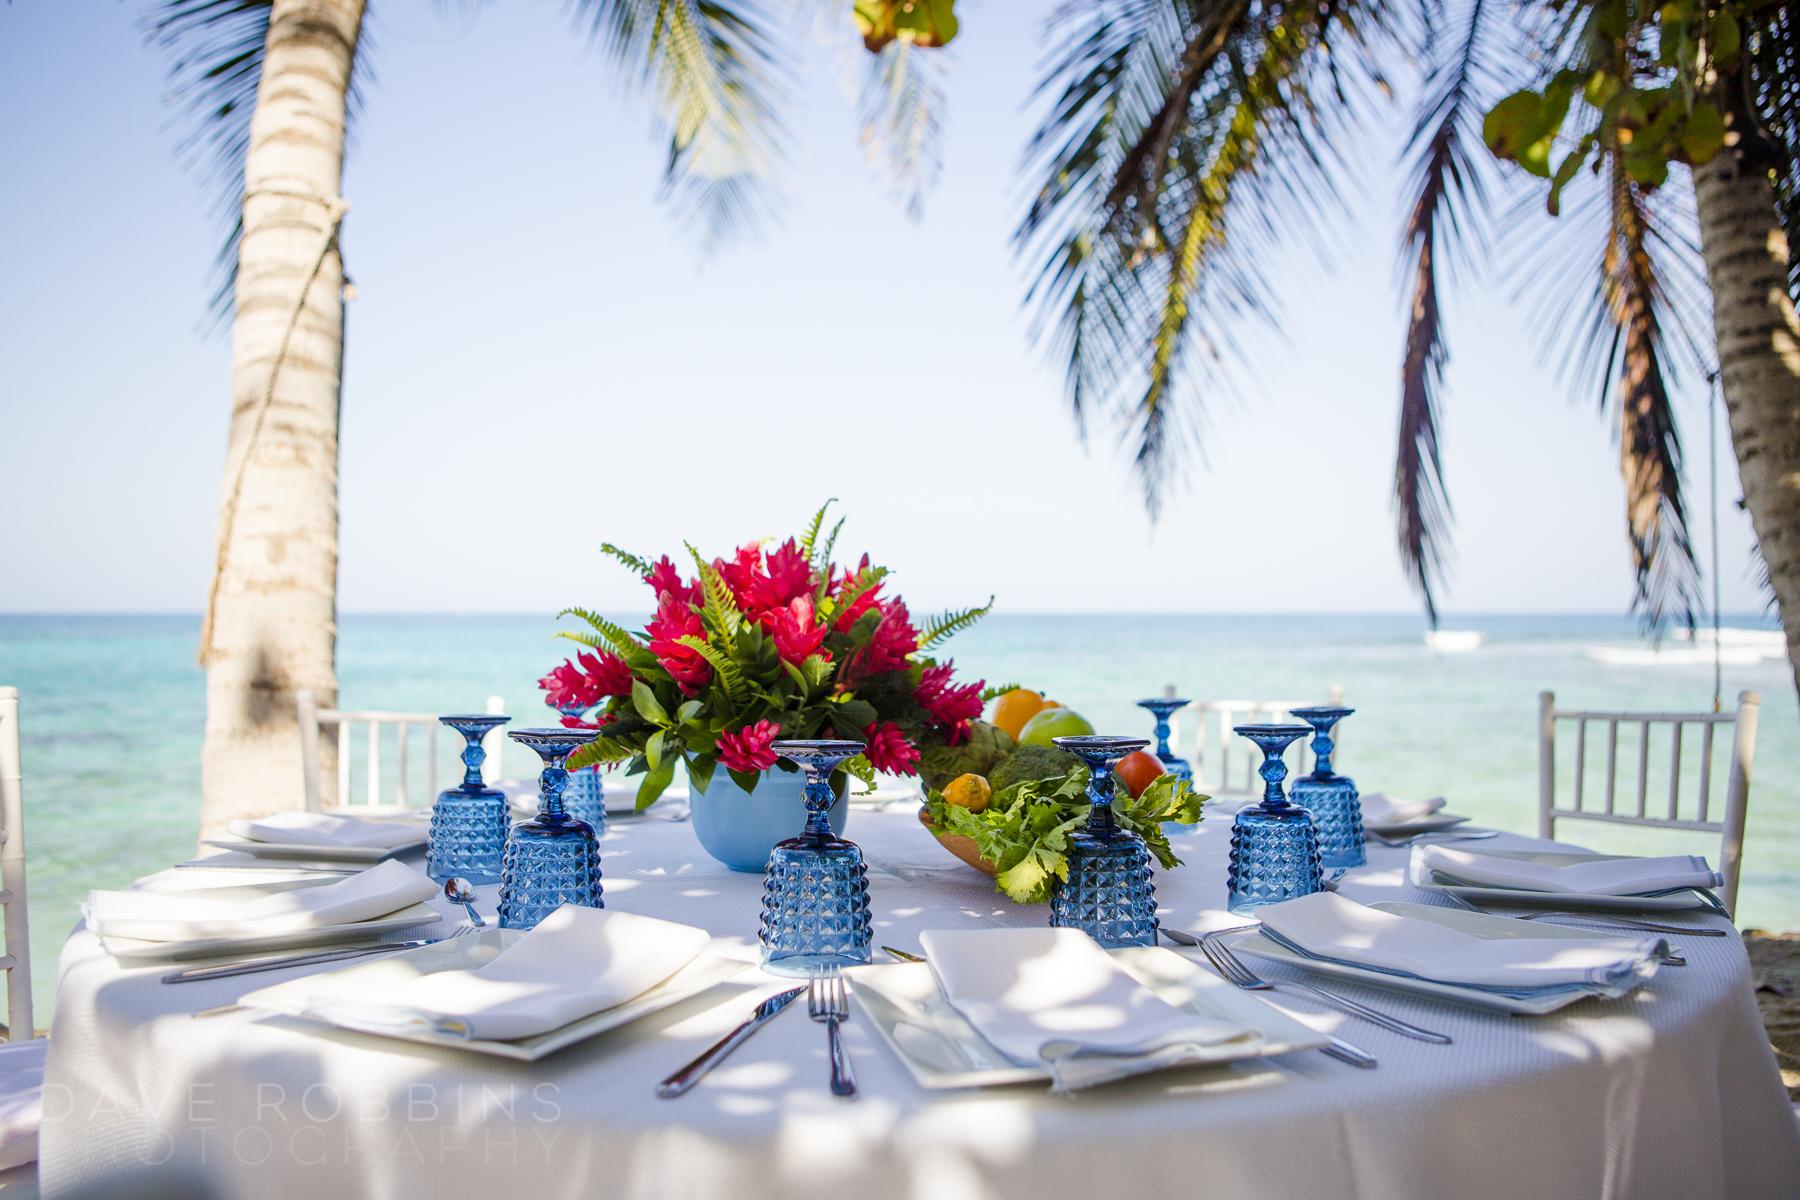 BARU BEACH WEDDING - 0003.JPG